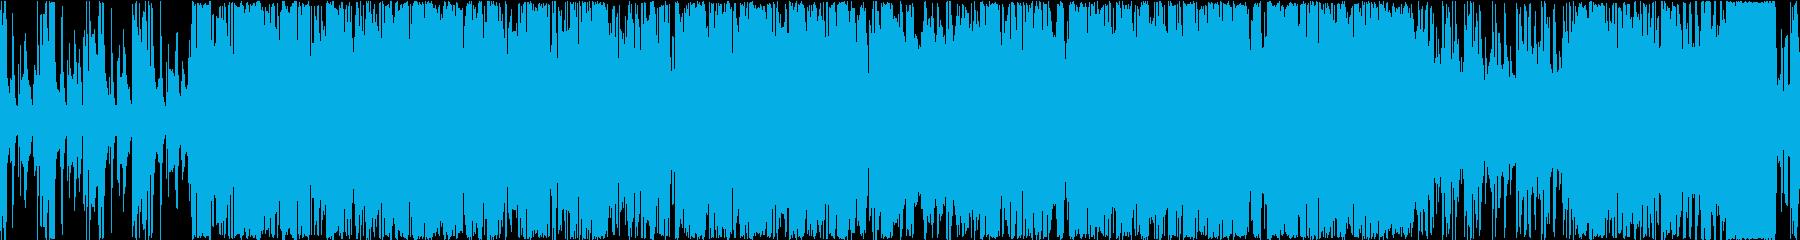 『ループ』雑談配信BGM明るいエレクトロの再生済みの波形